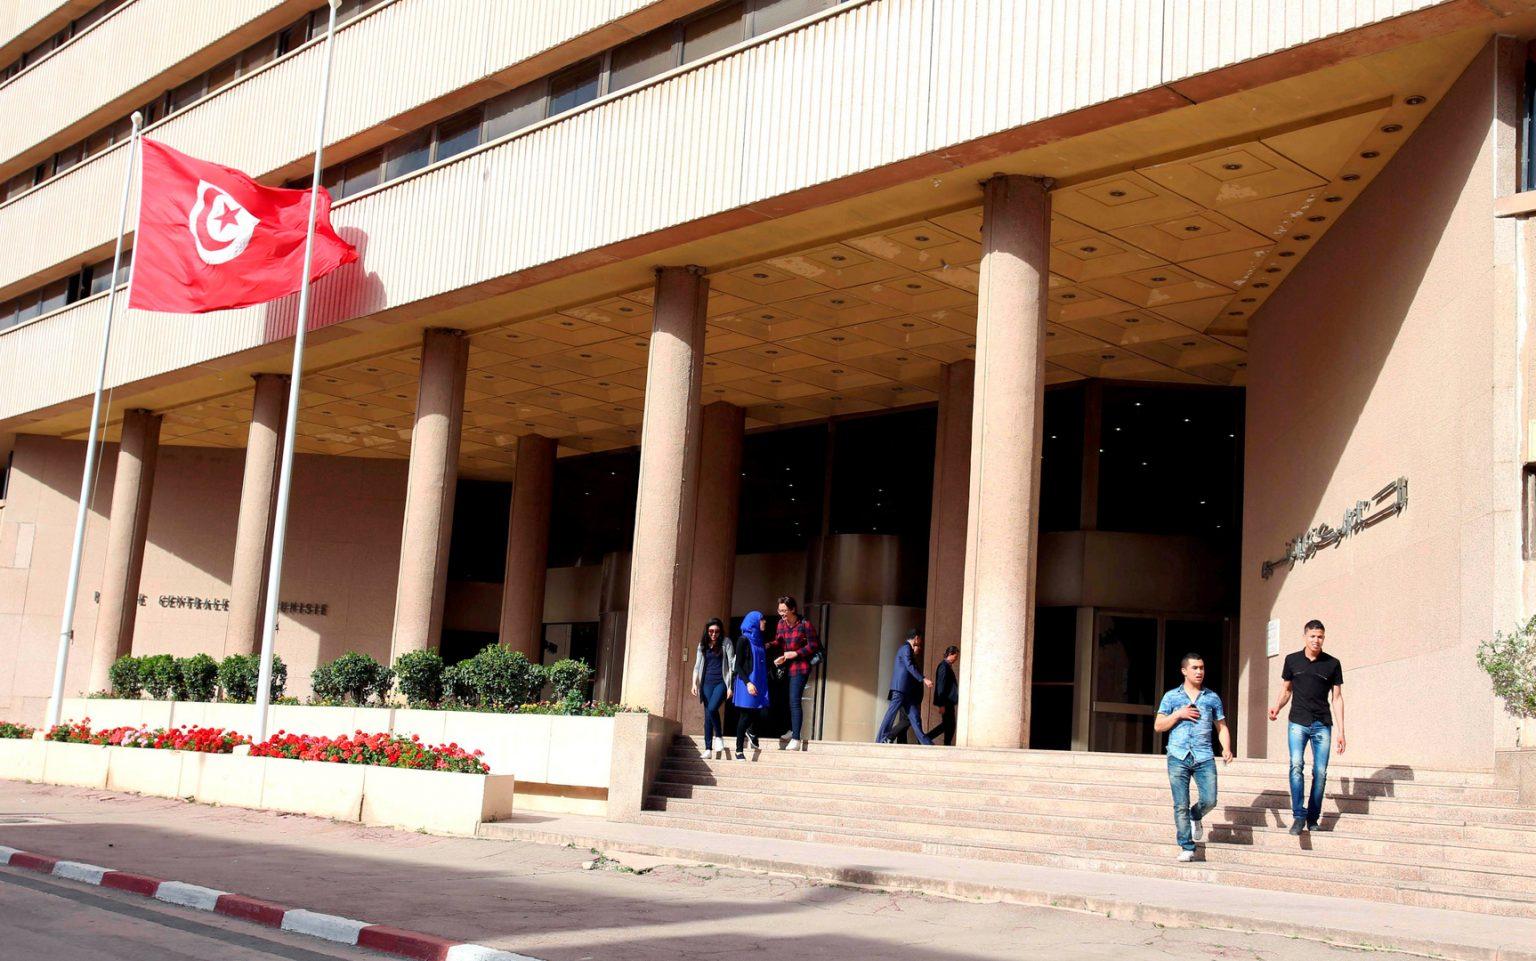 Tunisian labor union